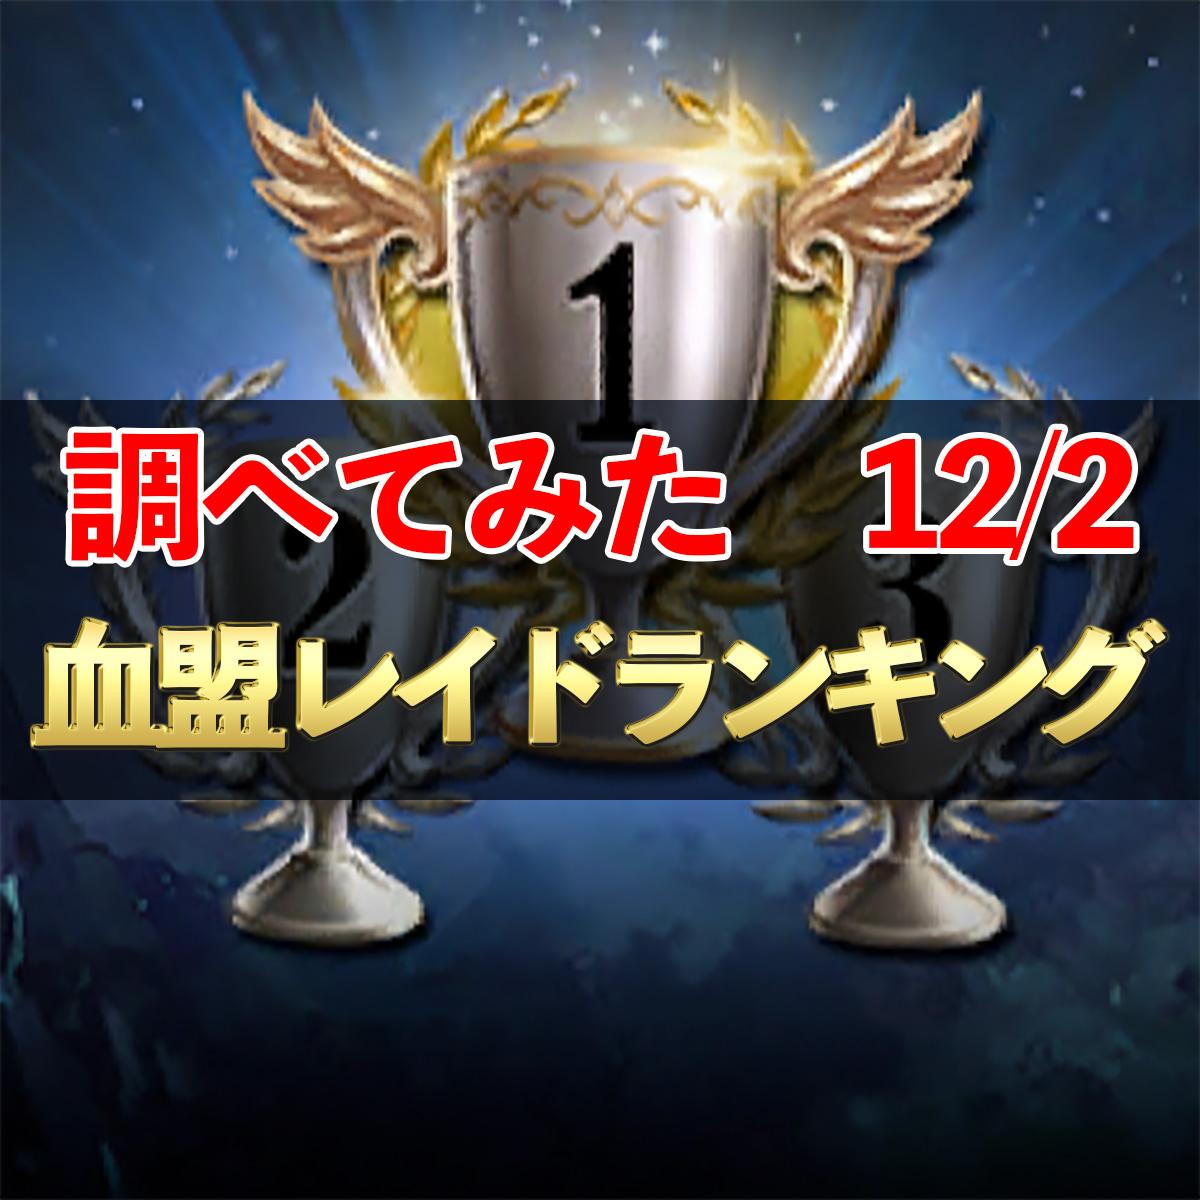 【リネレボ】血盟レイドランキング 詳しく調べてみた 12/2